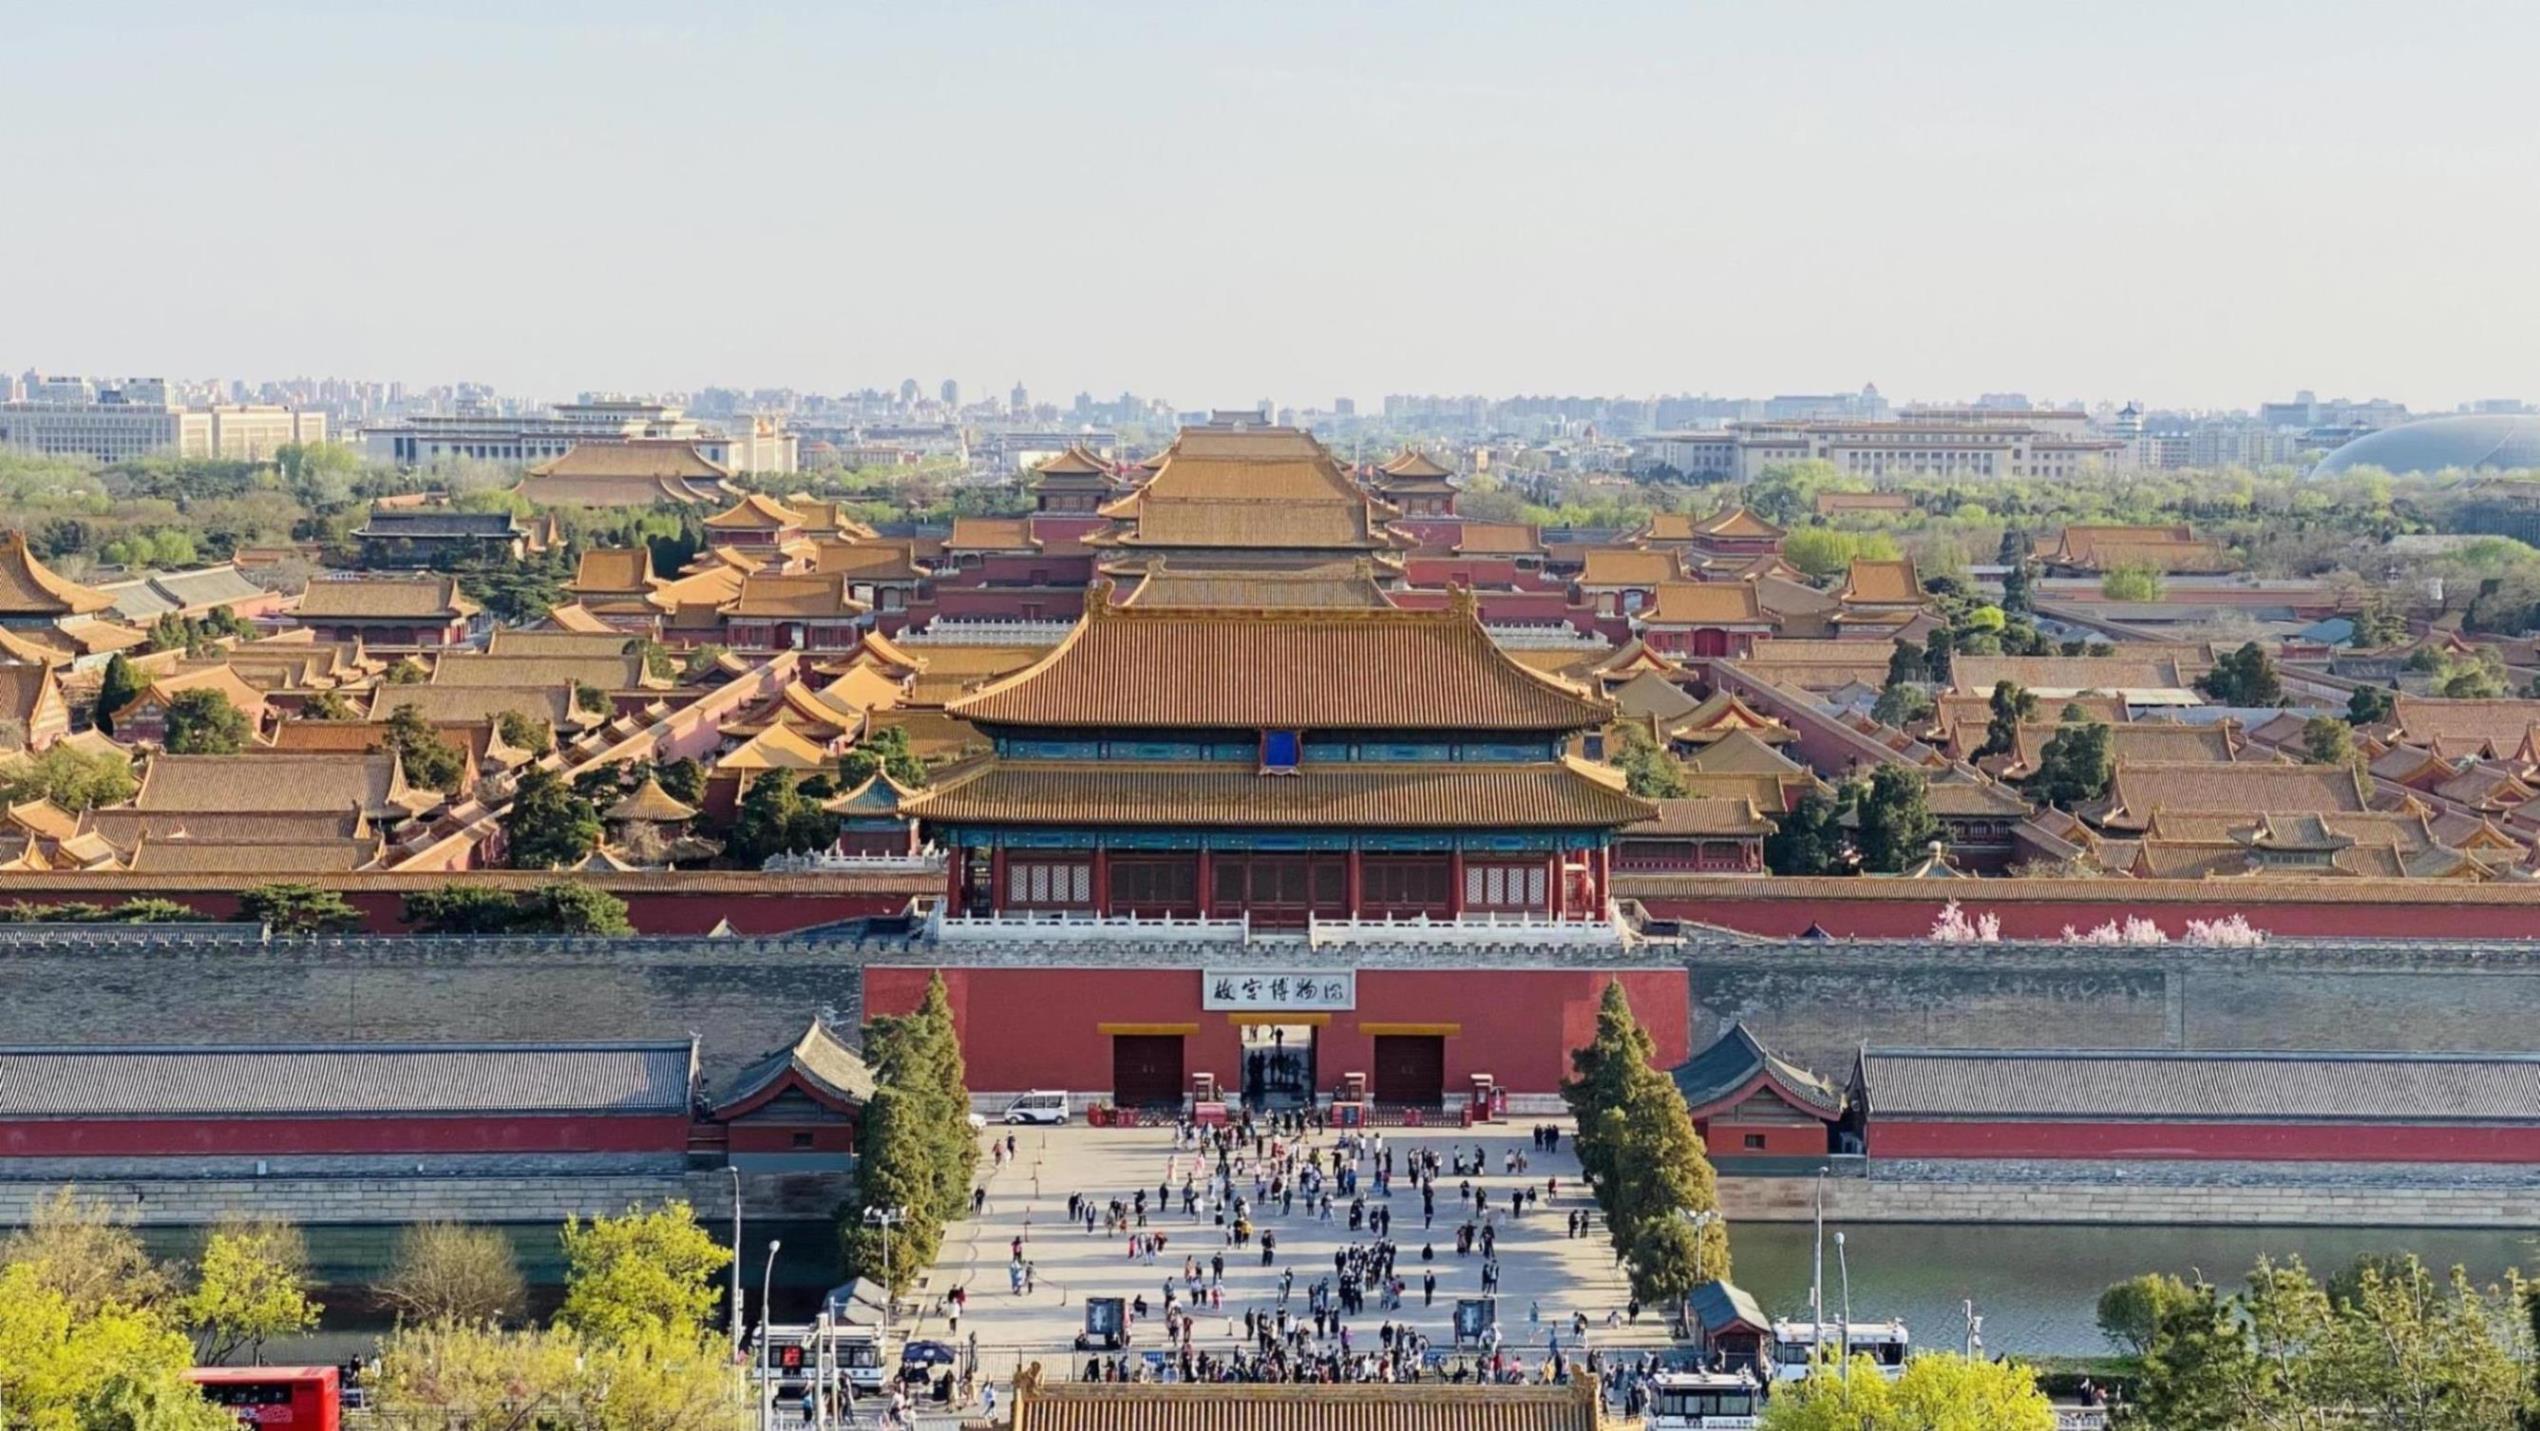 北京坚盾保安服务有限公司(摄影作品展示,不算排名)